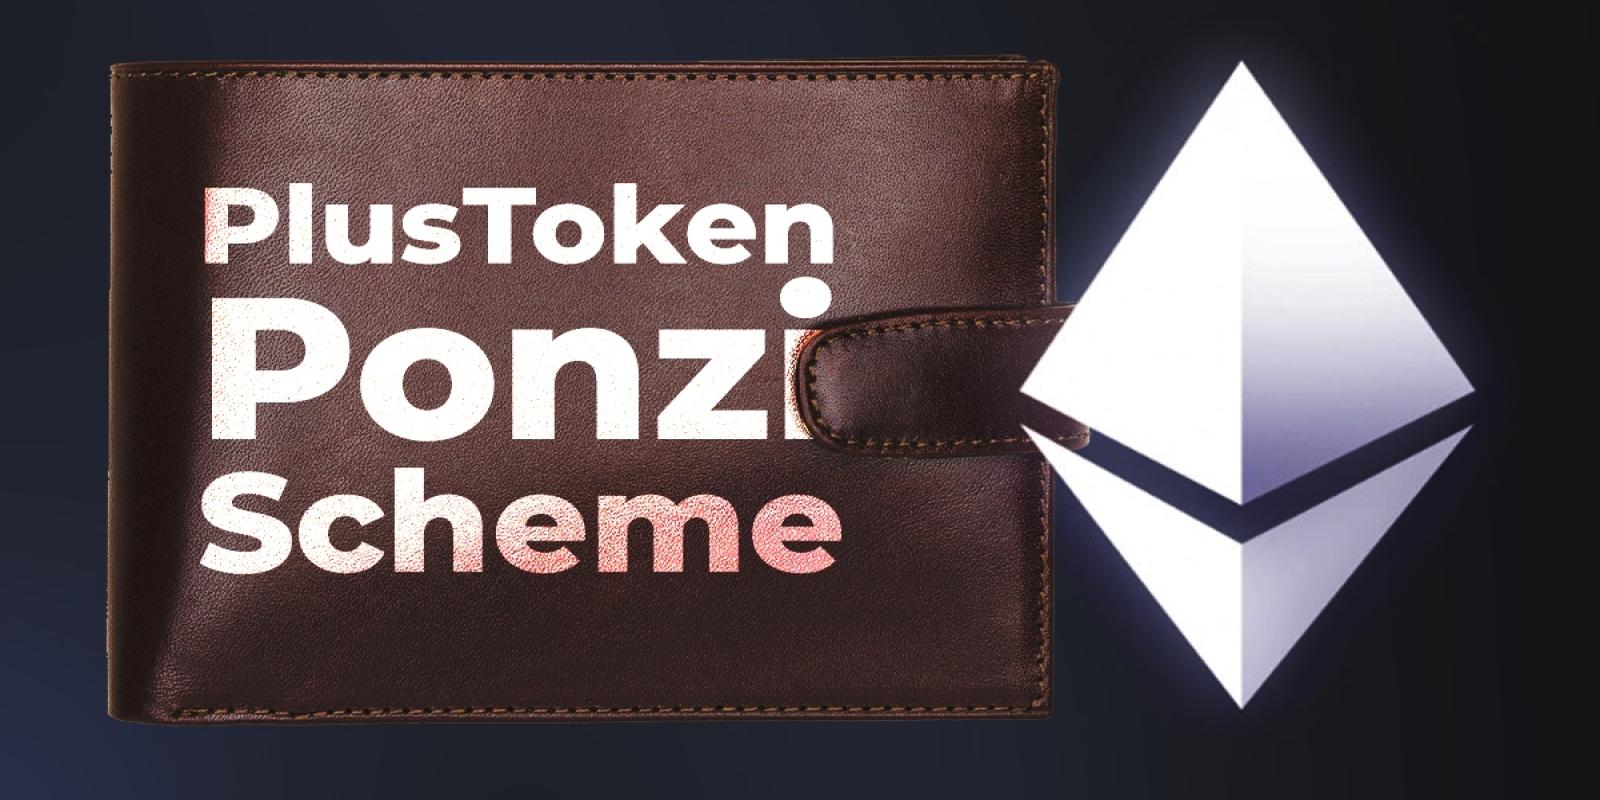 Le Ponzi chinois PlusToken vient de transférer $187M en ethers (ETH)